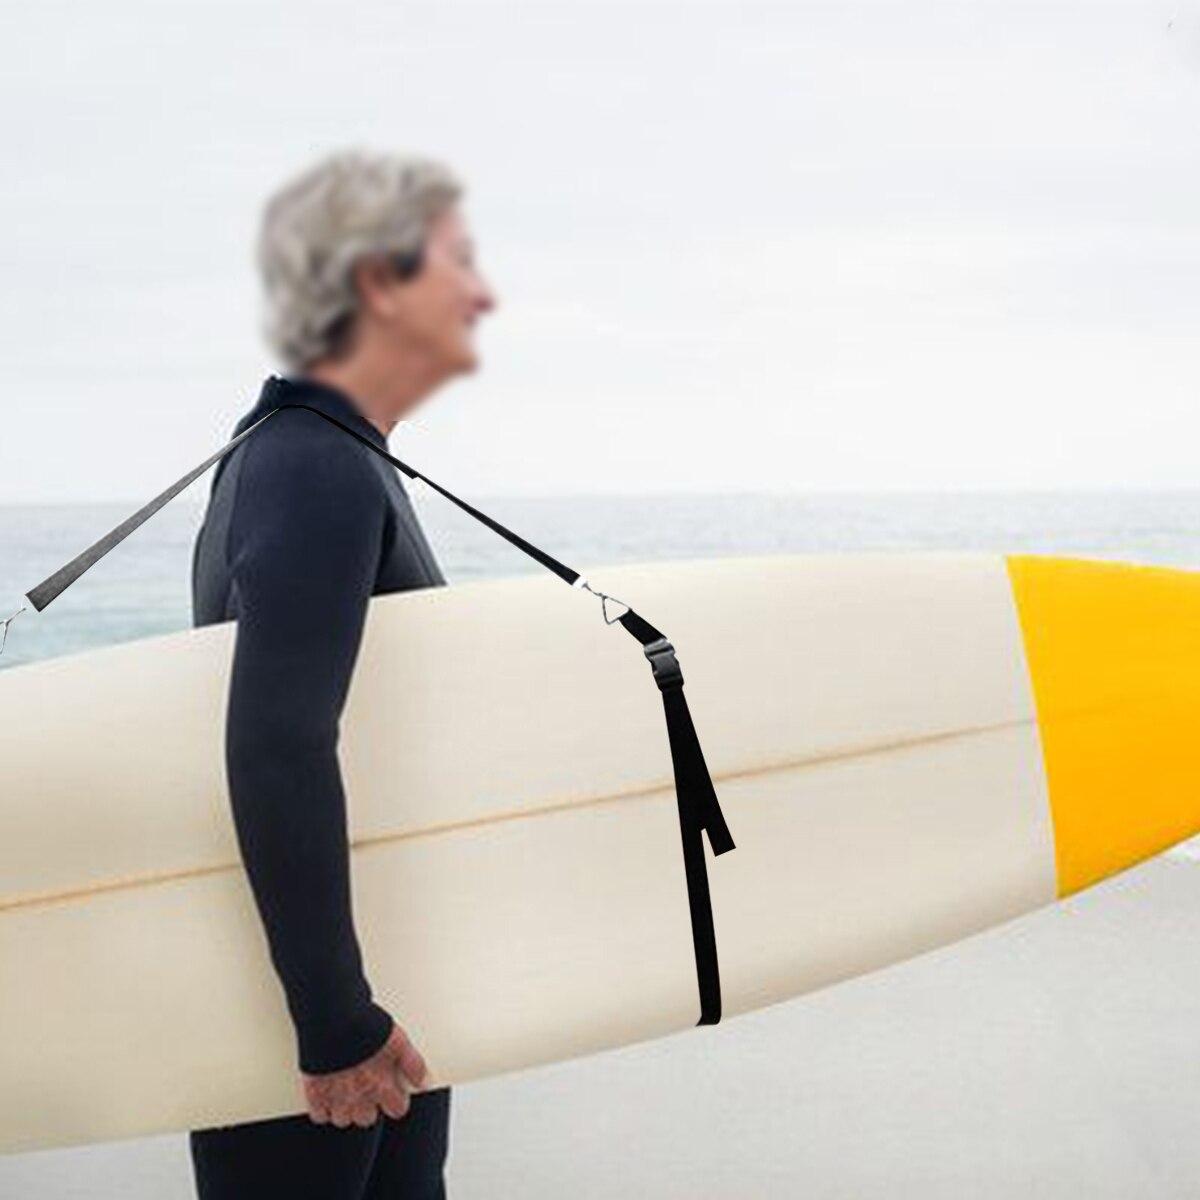 Prancha de surf ajustável ombro transportando cinta